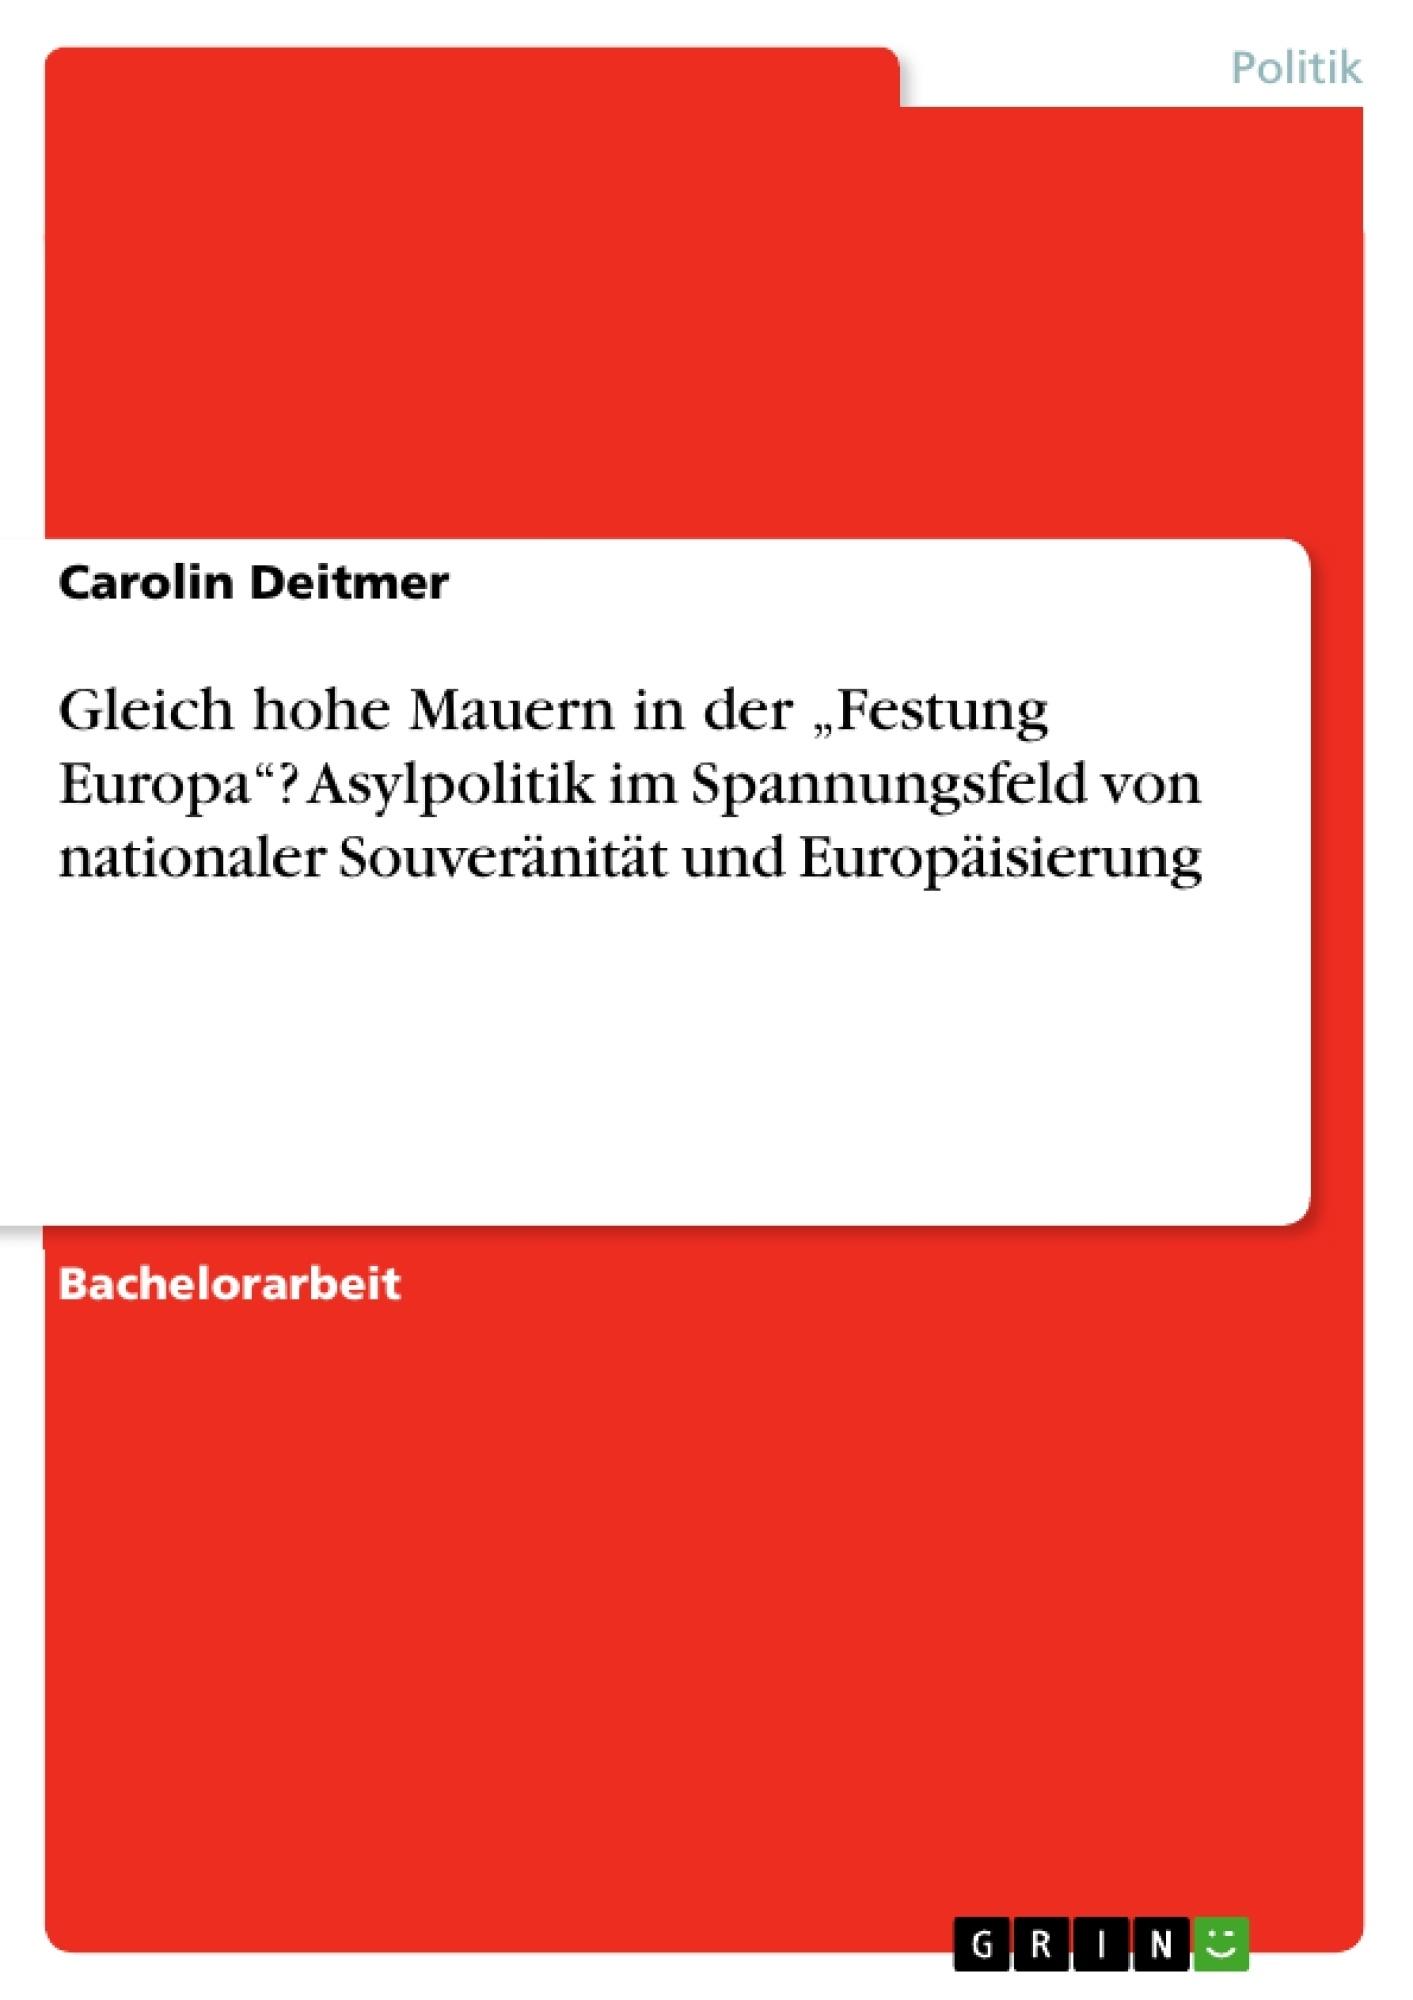 """Titel: Gleich hohe Mauern in der """"Festung Europa""""?  Asylpolitik im Spannungsfeld von nationaler Souveränität  und Europäisierung"""